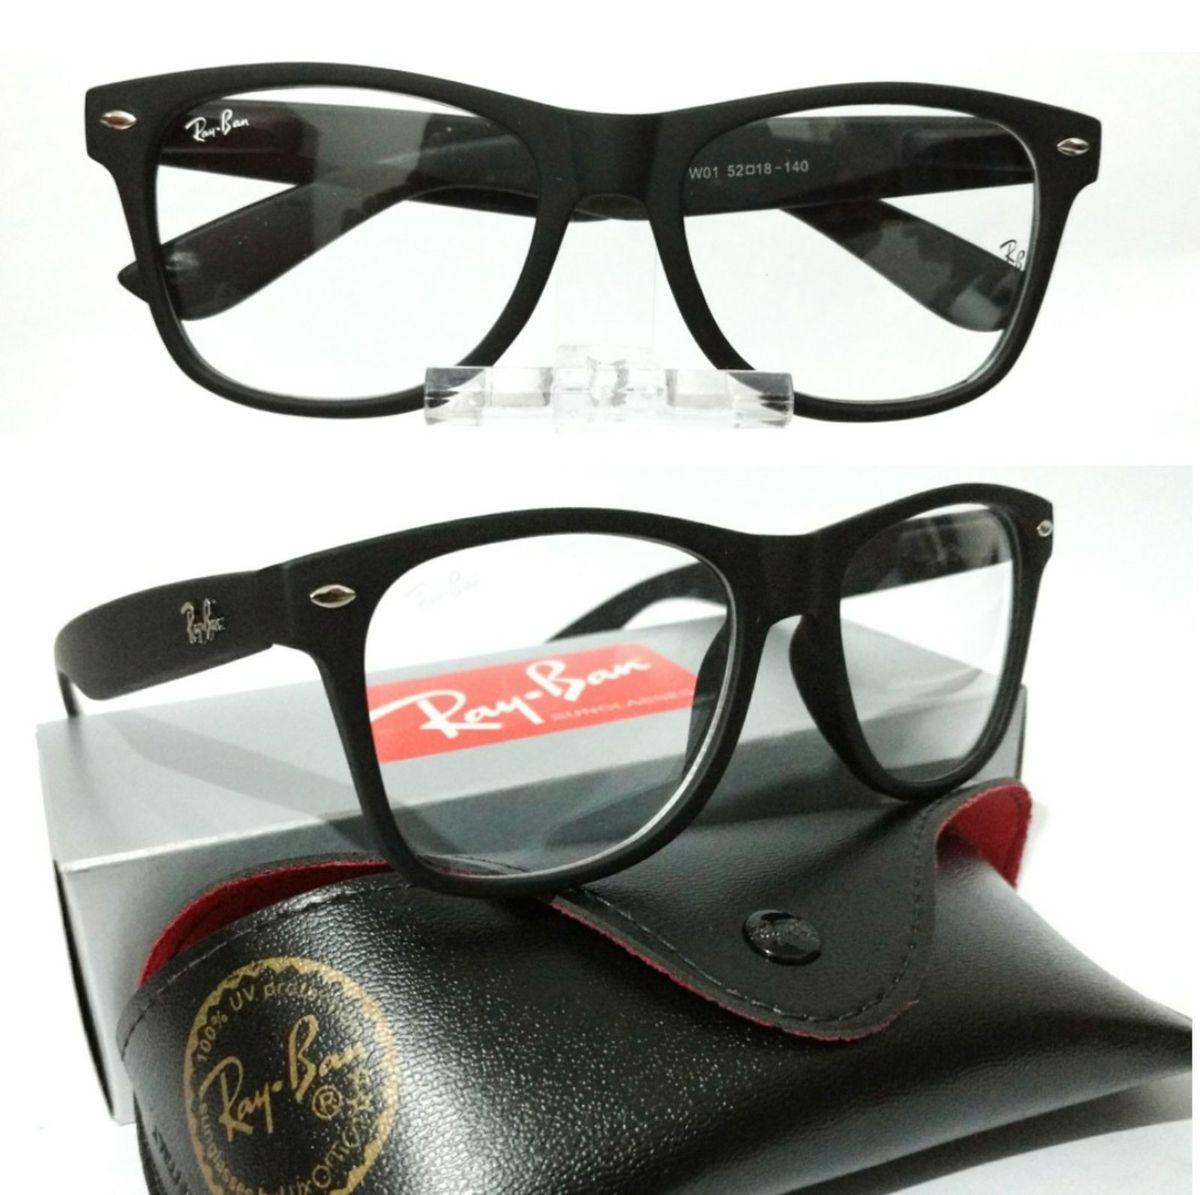 8c0919f17460d armação p óculos de grau ray ban wayfarer preto fosco feminino e masculino  - óculos rb